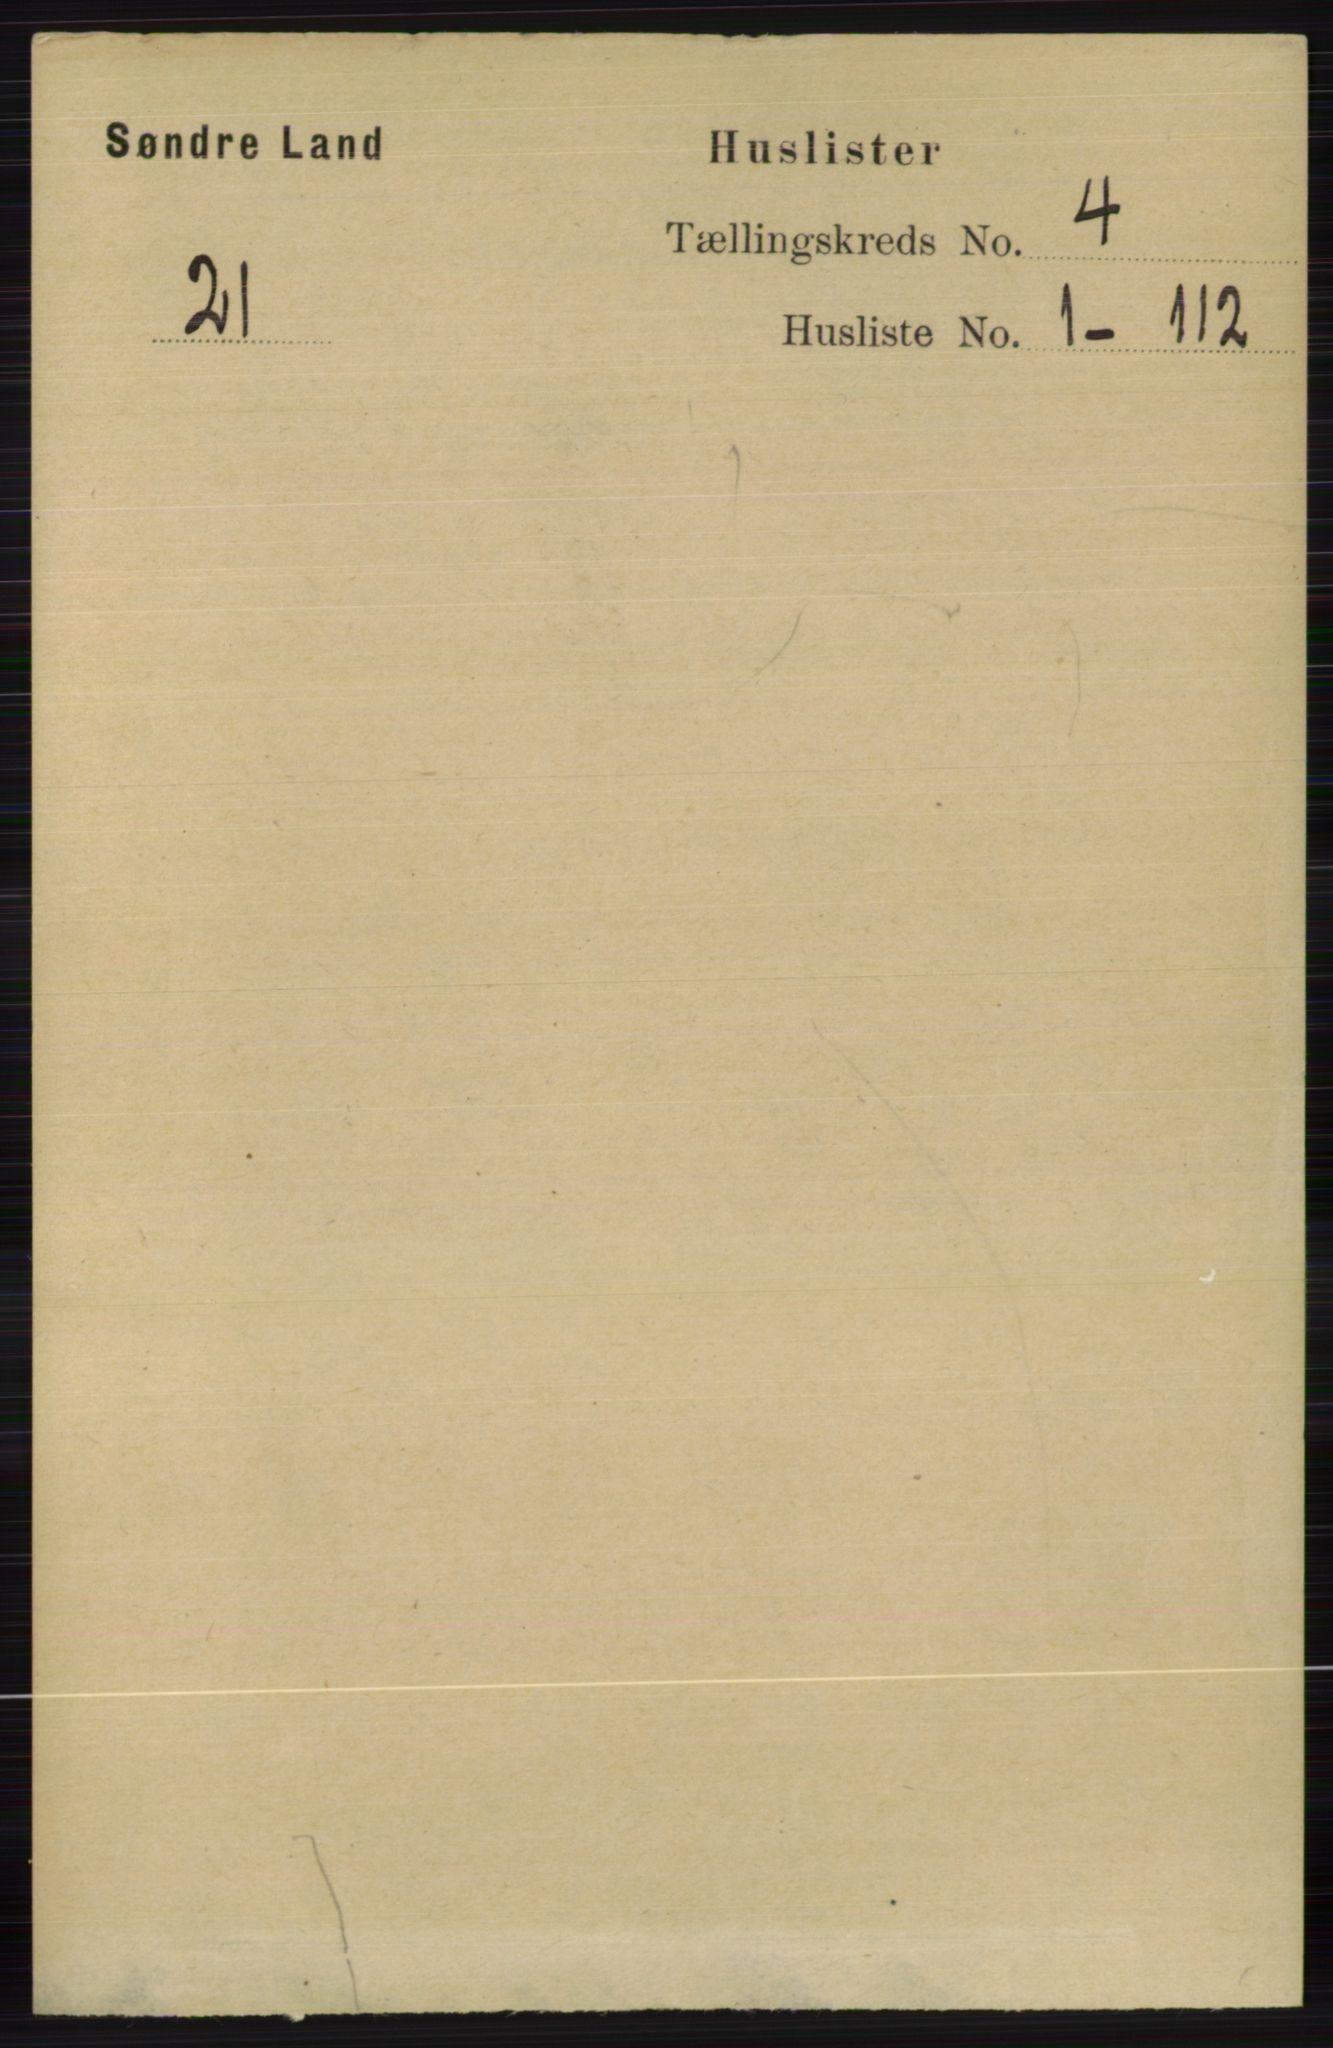 RA, Folketelling 1891 for 0536 Søndre Land herred, 1891, s. 3877